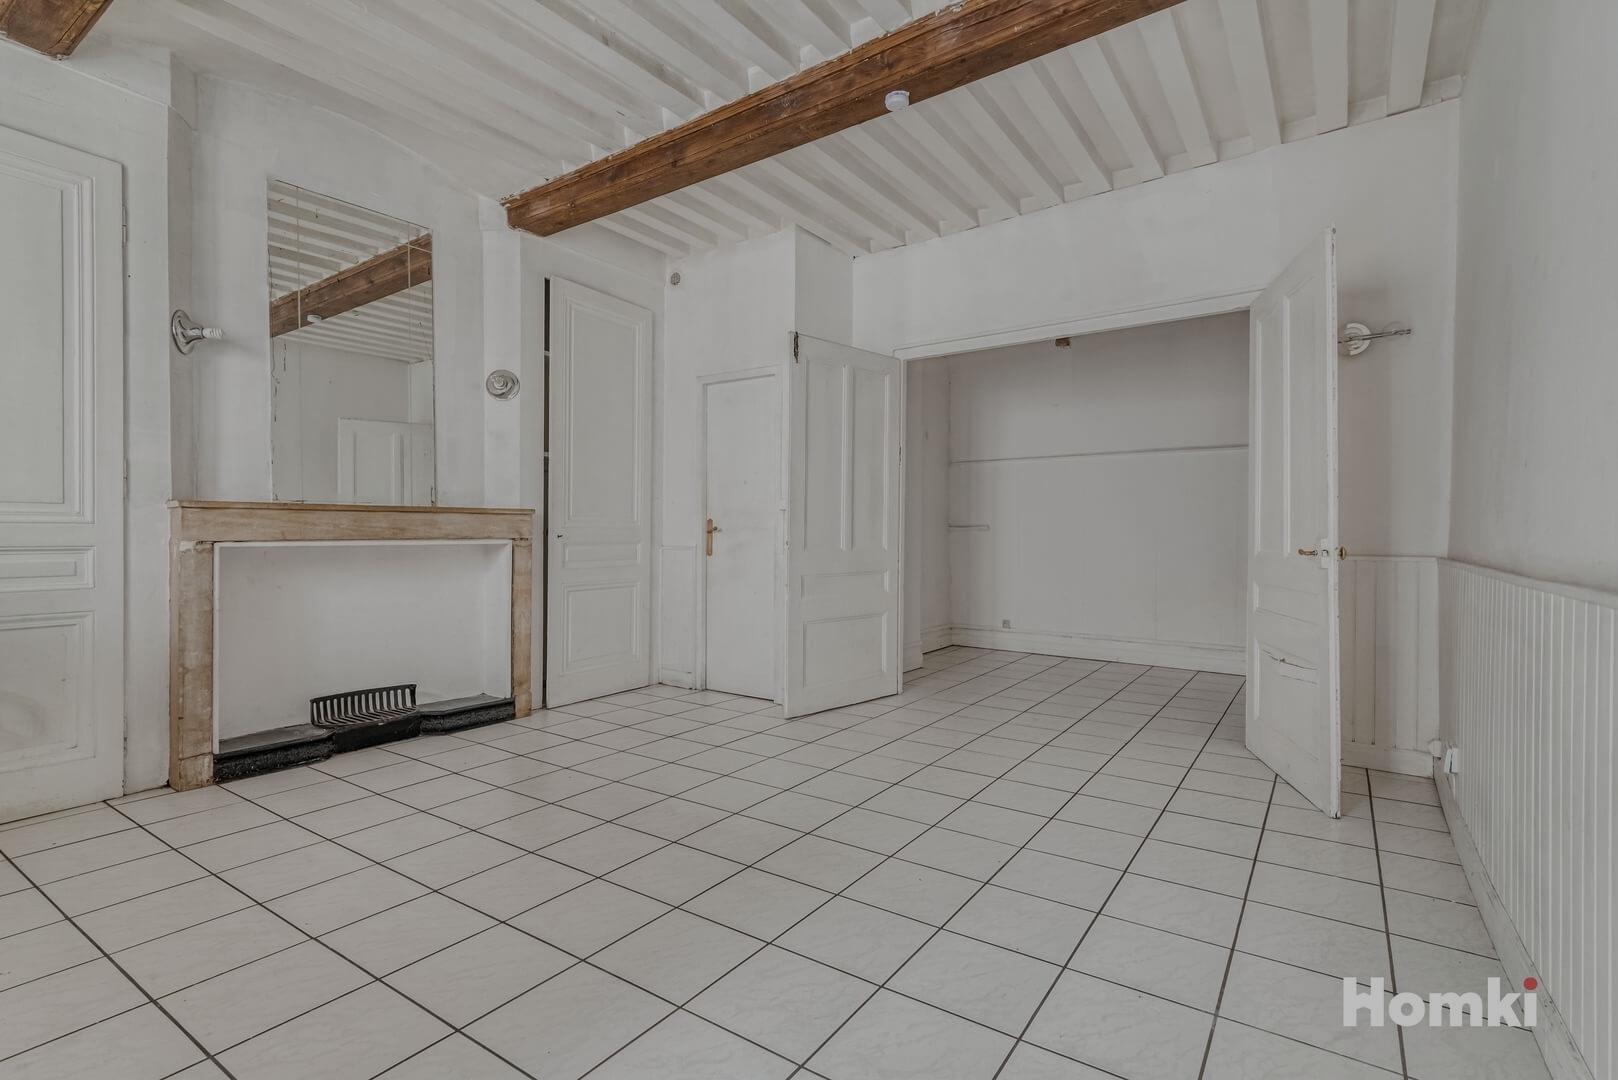 Homki - Vente Appartement  de 35.0 m² à Lyon 69005